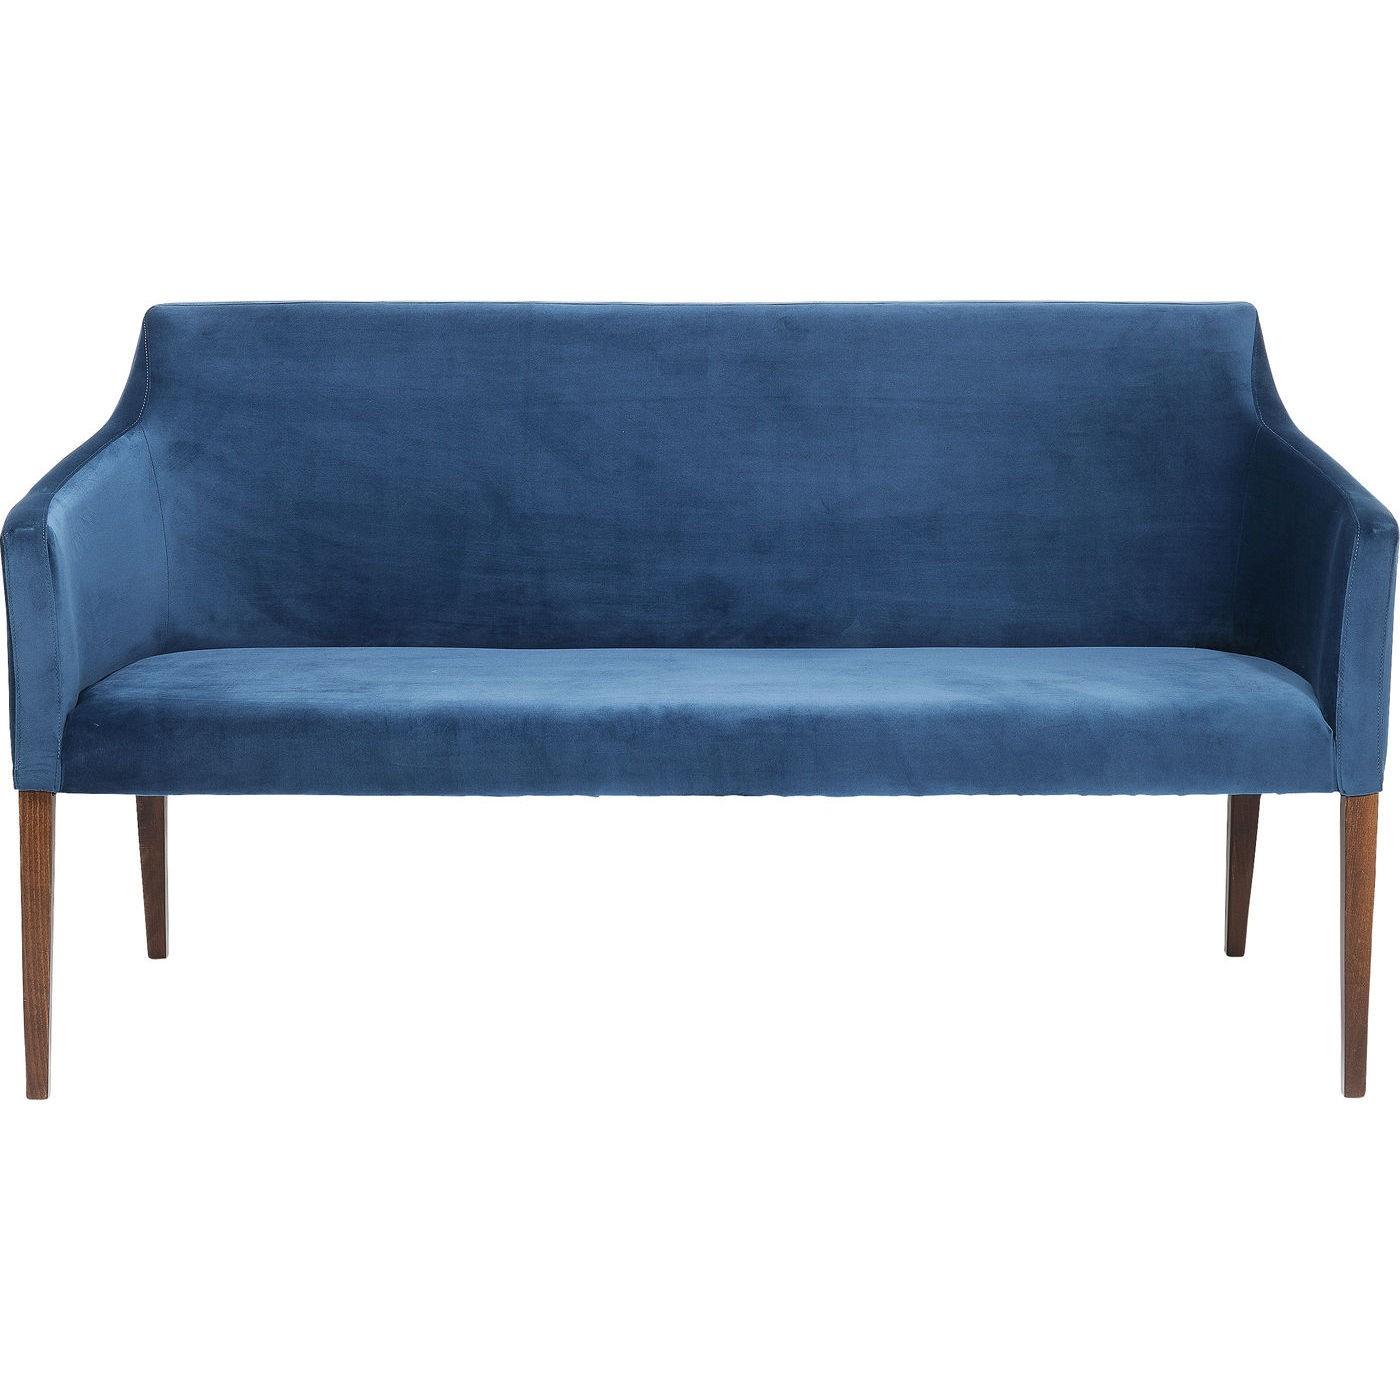 Polstret sofabænk mode velvet petrol